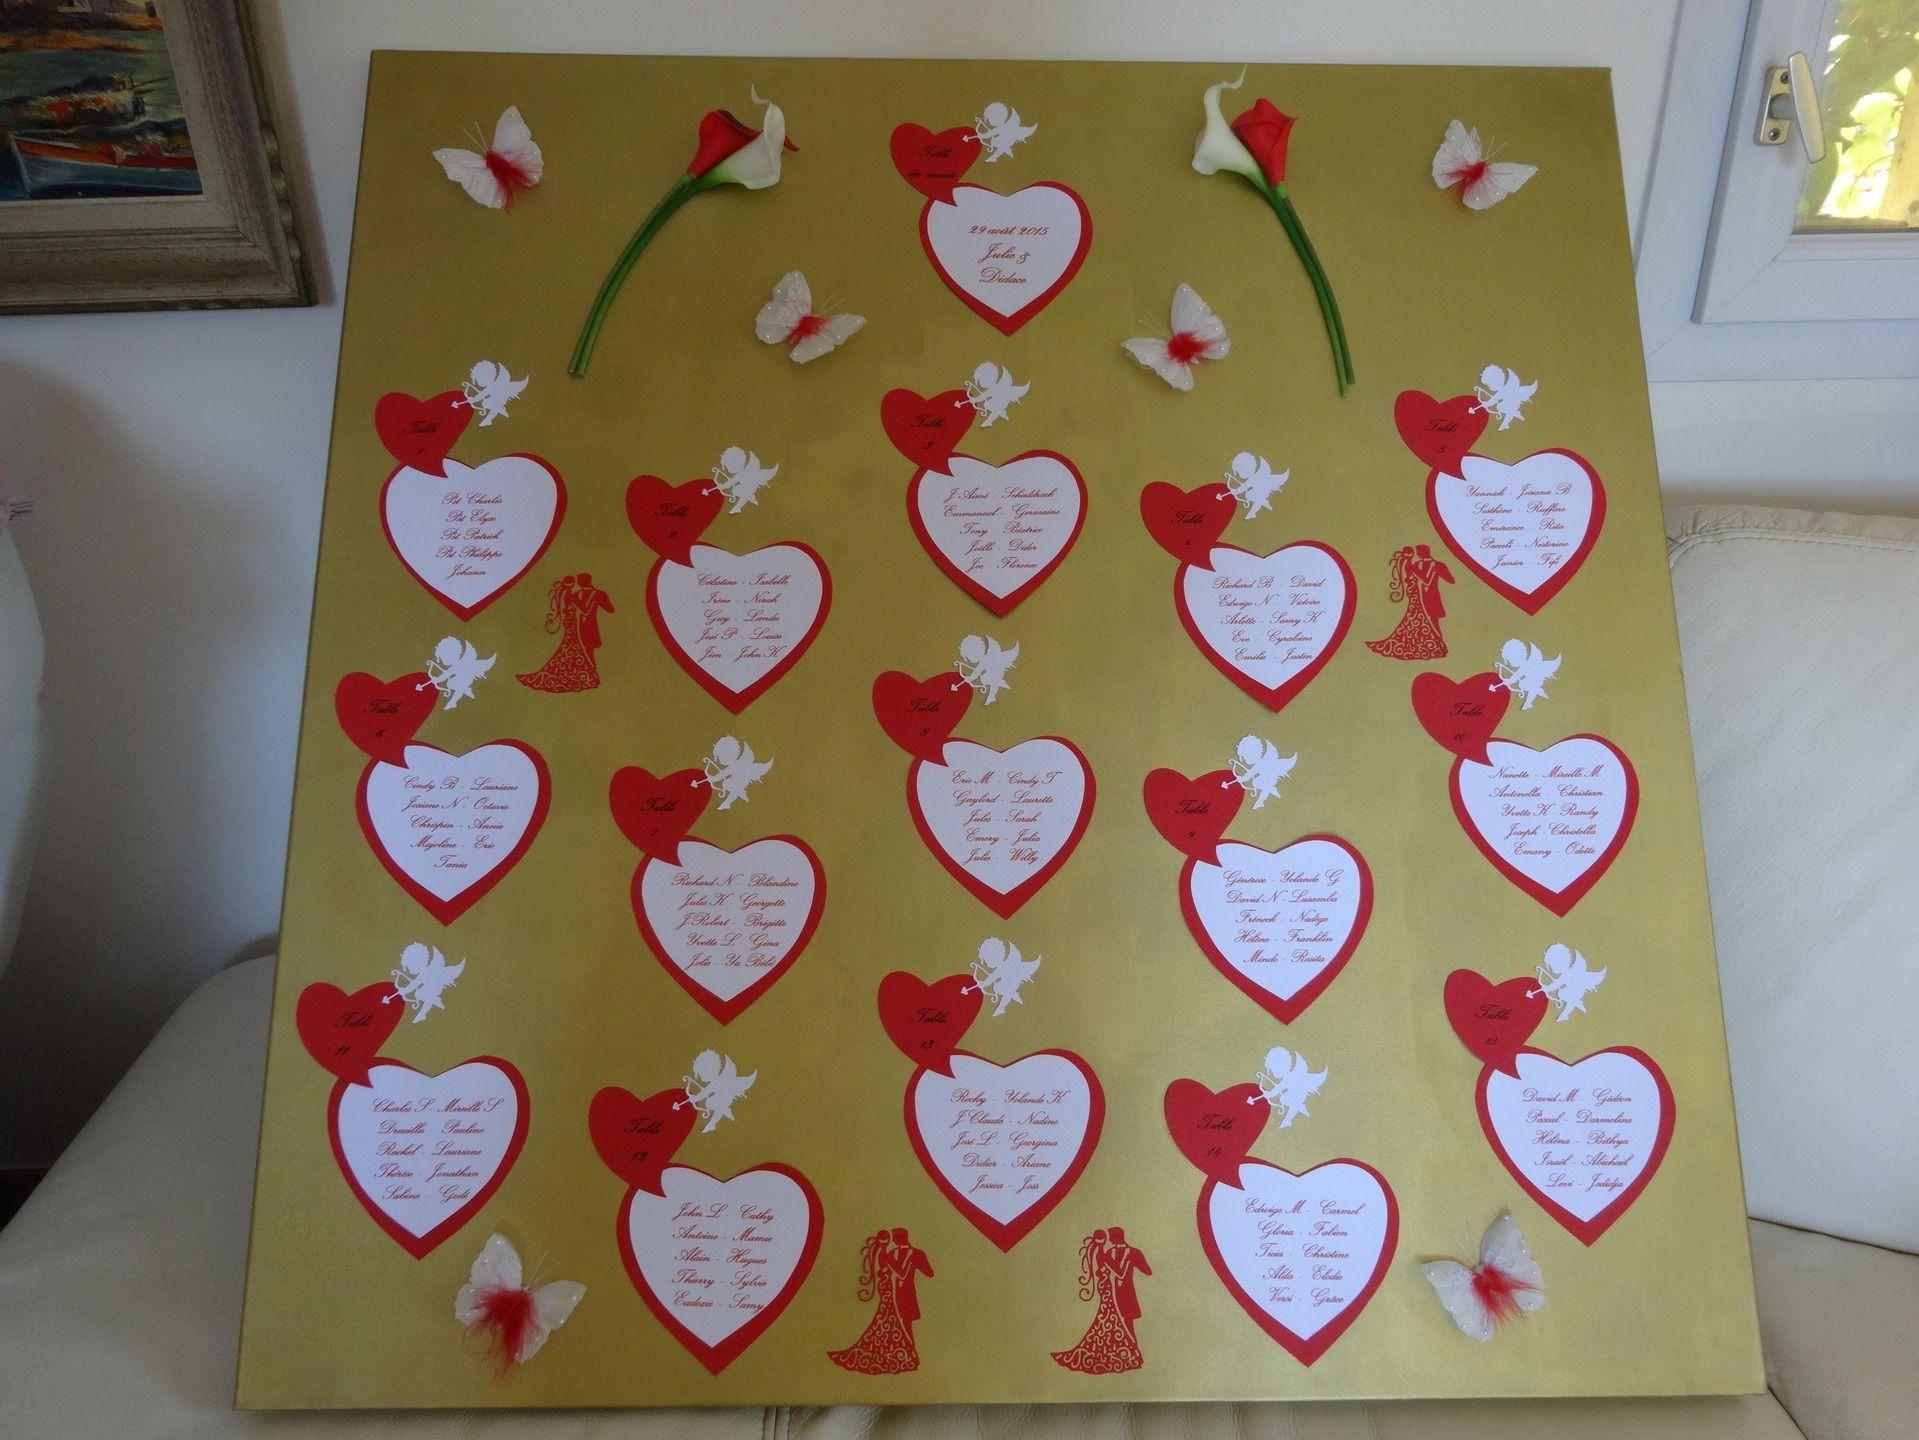 Plan de tables pour mariage sur le th me des couleurs or - Exemple plan de table mariage ...